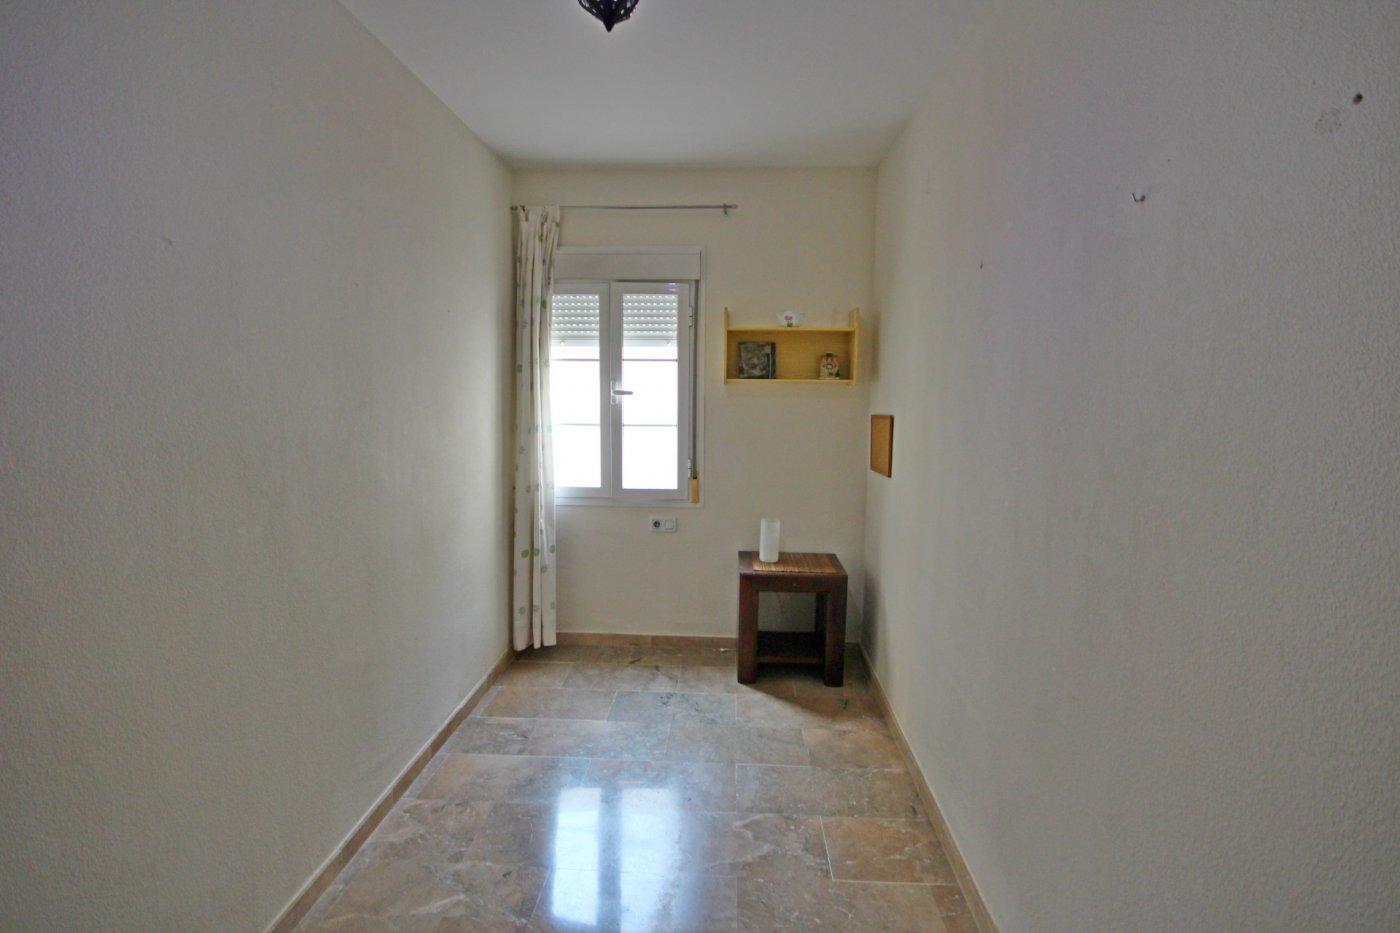 Piso dos dormitorios con garaje a un paso del centro histórico - imagenInmueble9